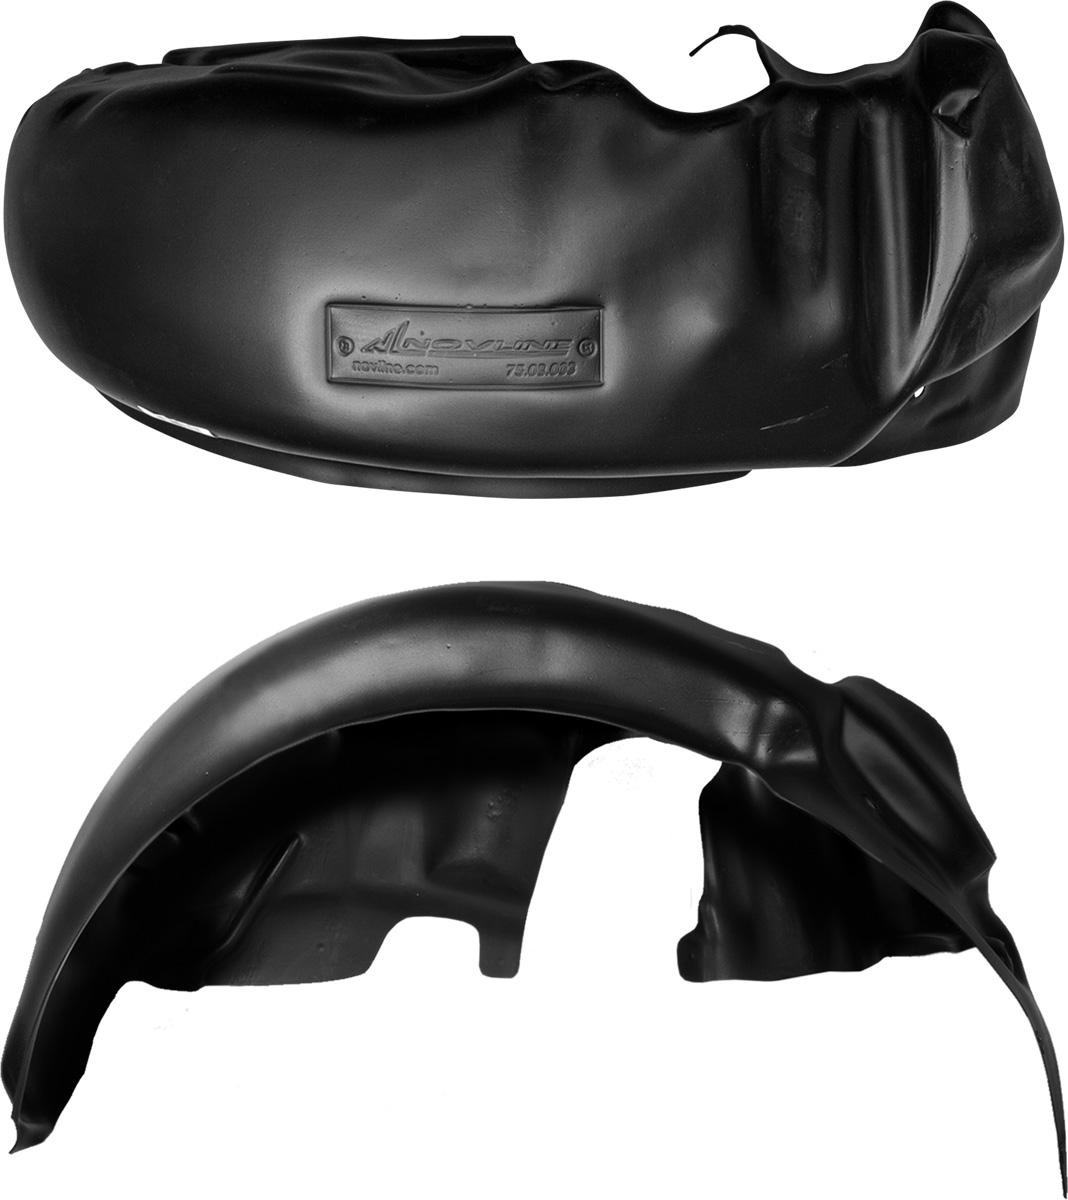 Подкрылок RENAULT Logan, 2014->, задний левыйNLL.41.33.003Колесные ниши – одни из самых уязвимых зон днища вашего автомобиля. Они постоянно подвергаются воздействию со стороны дороги. Лучшая, почти абсолютная защита для них - специально отформованные пластиковые кожухи, которые называются подкрылками, или локерами. Производятся они как для отечественных моделей автомобилей, так и для иномарок. Подкрылки выполнены из высококачественного, экологически чистого пластика. Обеспечивают надежную защиту кузова автомобиля от пескоструйного эффекта и негативного влияния, агрессивных антигололедных реагентов. Пластик обладает более низкой теплопроводностью, чем металл, поэтому в зимний период эксплуатации использование пластиковых подкрылков позволяет лучше защитить колесные ниши от налипания снега и образования наледи. Оригинальность конструкции подчеркивает элегантность автомобиля, бережно защищает нанесенное на днище кузова антикоррозийное покрытие и позволяет осуществить крепление подкрылков внутри колесной арки практически без дополнительного...